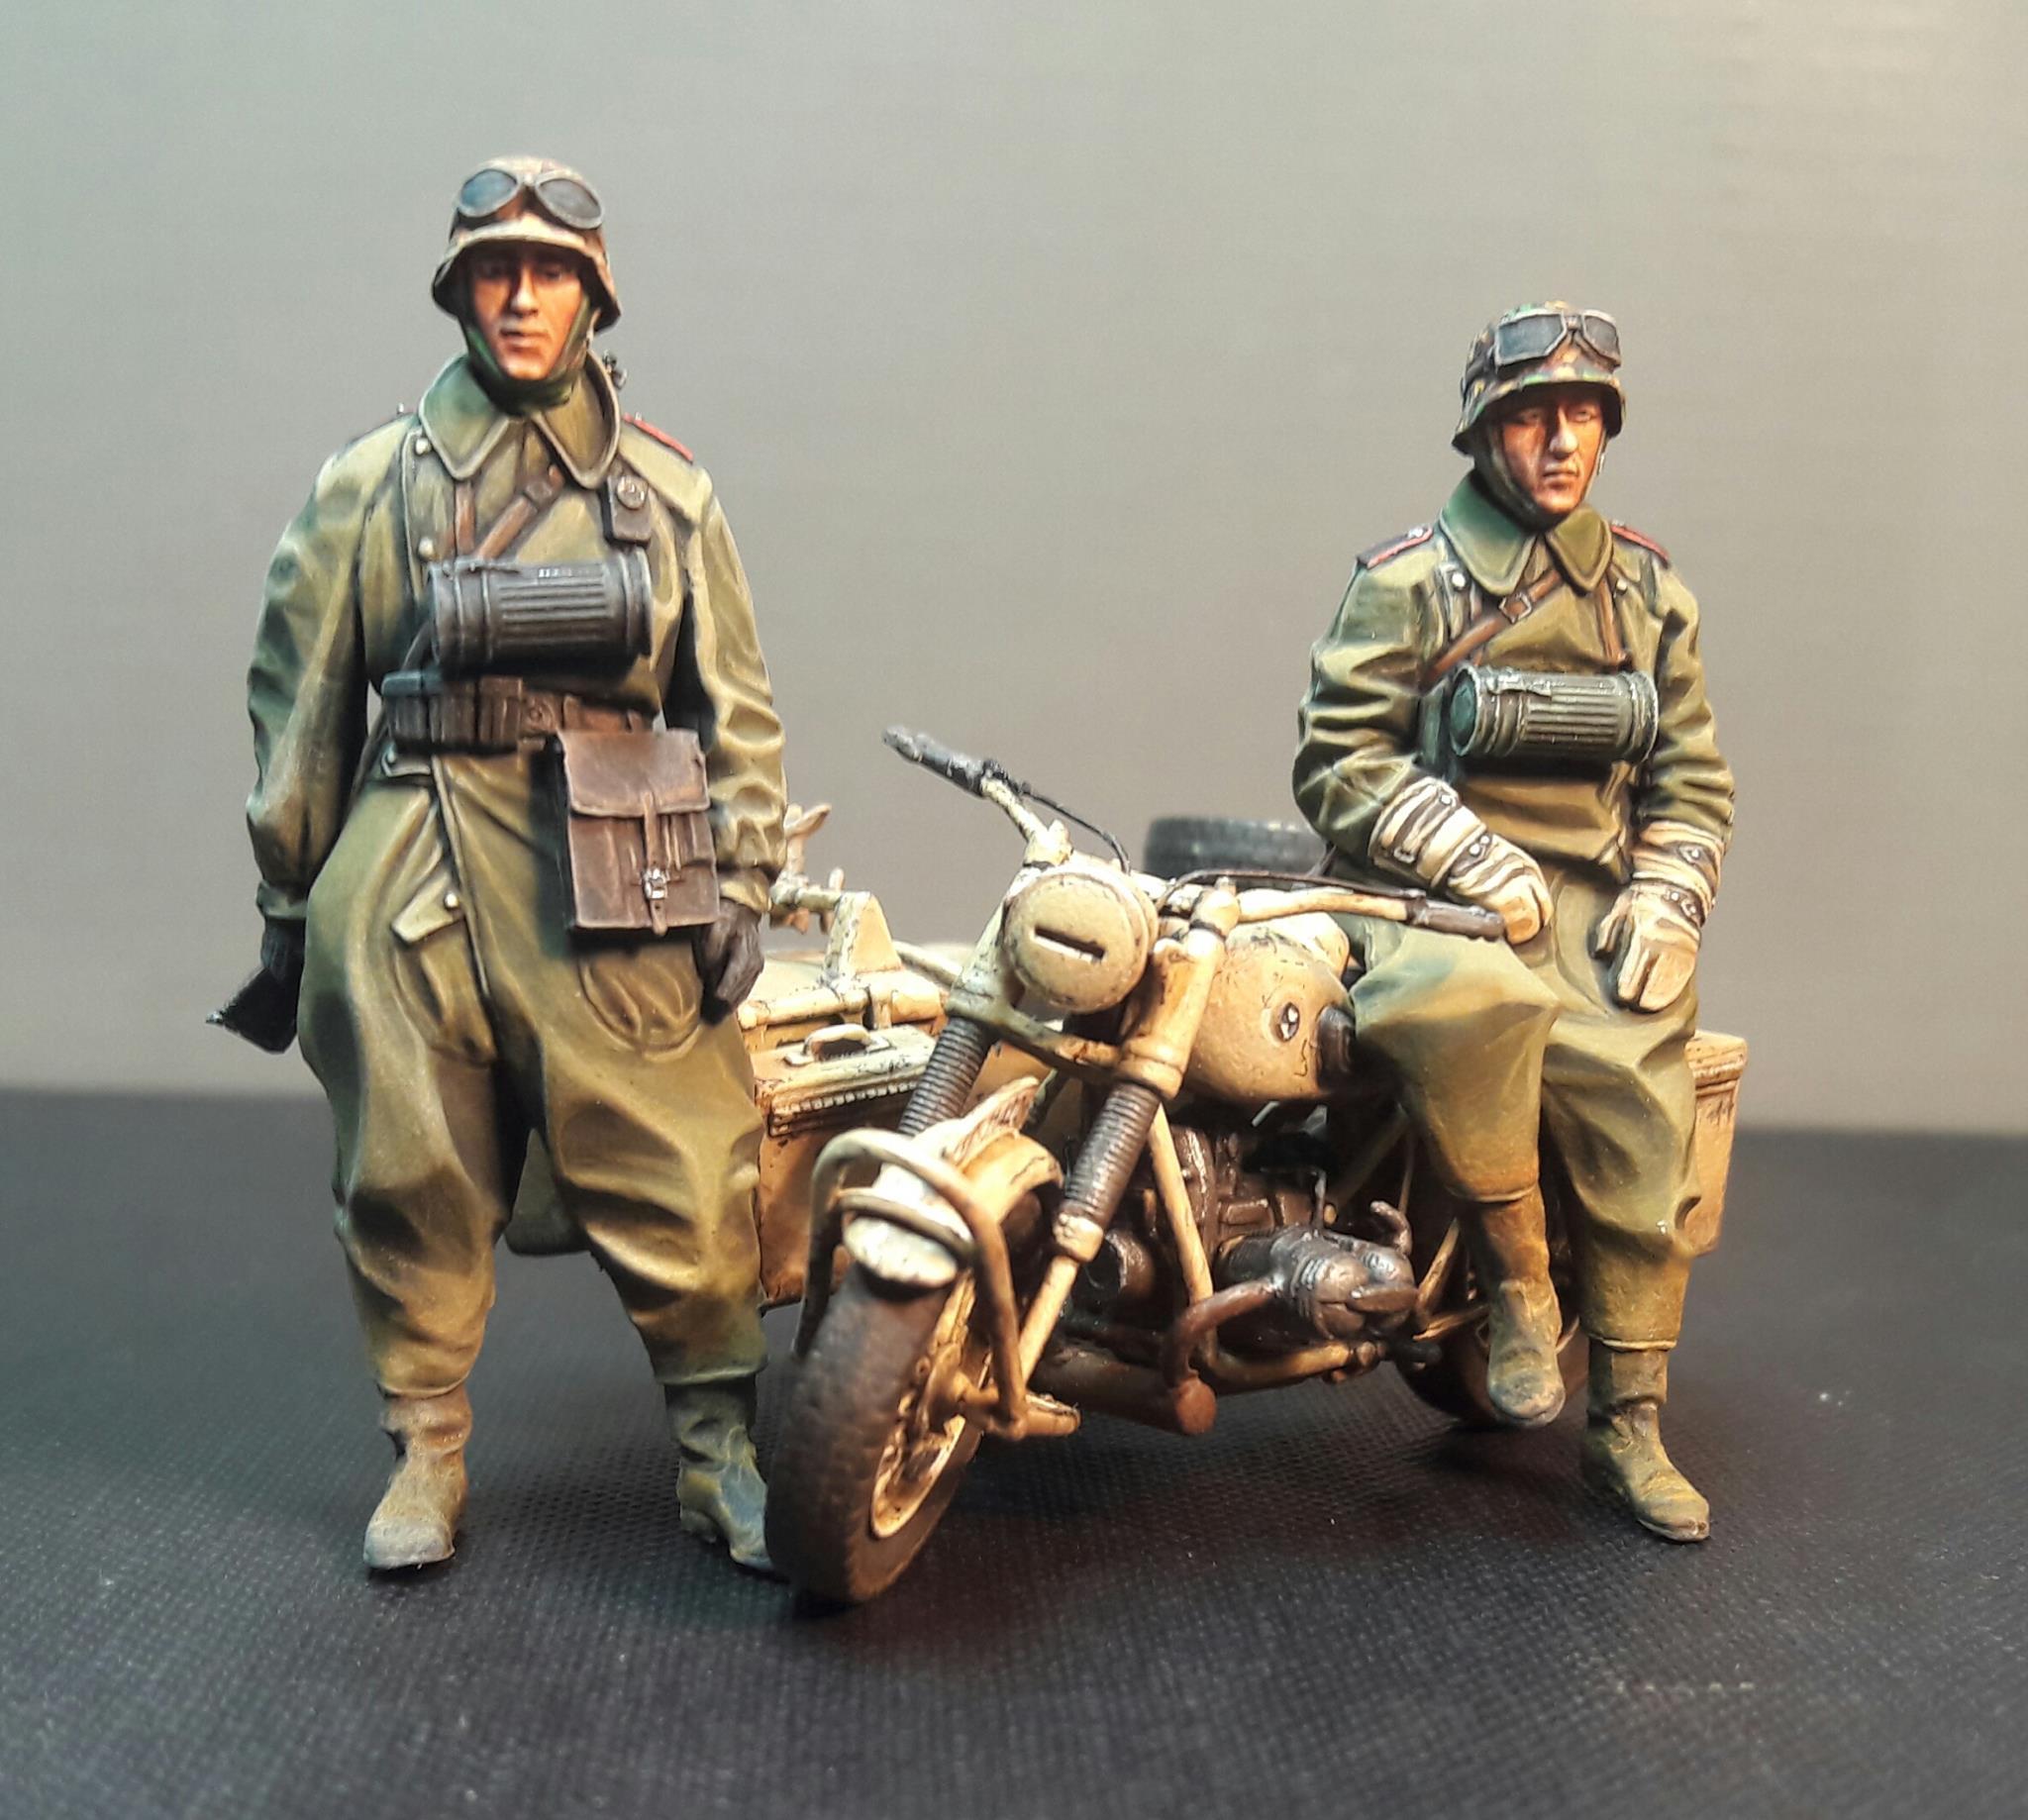 Zündapp KS750 - Sidecar - Great Wall Hobby + figurines Alpine - 1/35 - Page 3 4544381981453810211728407820229685209965o